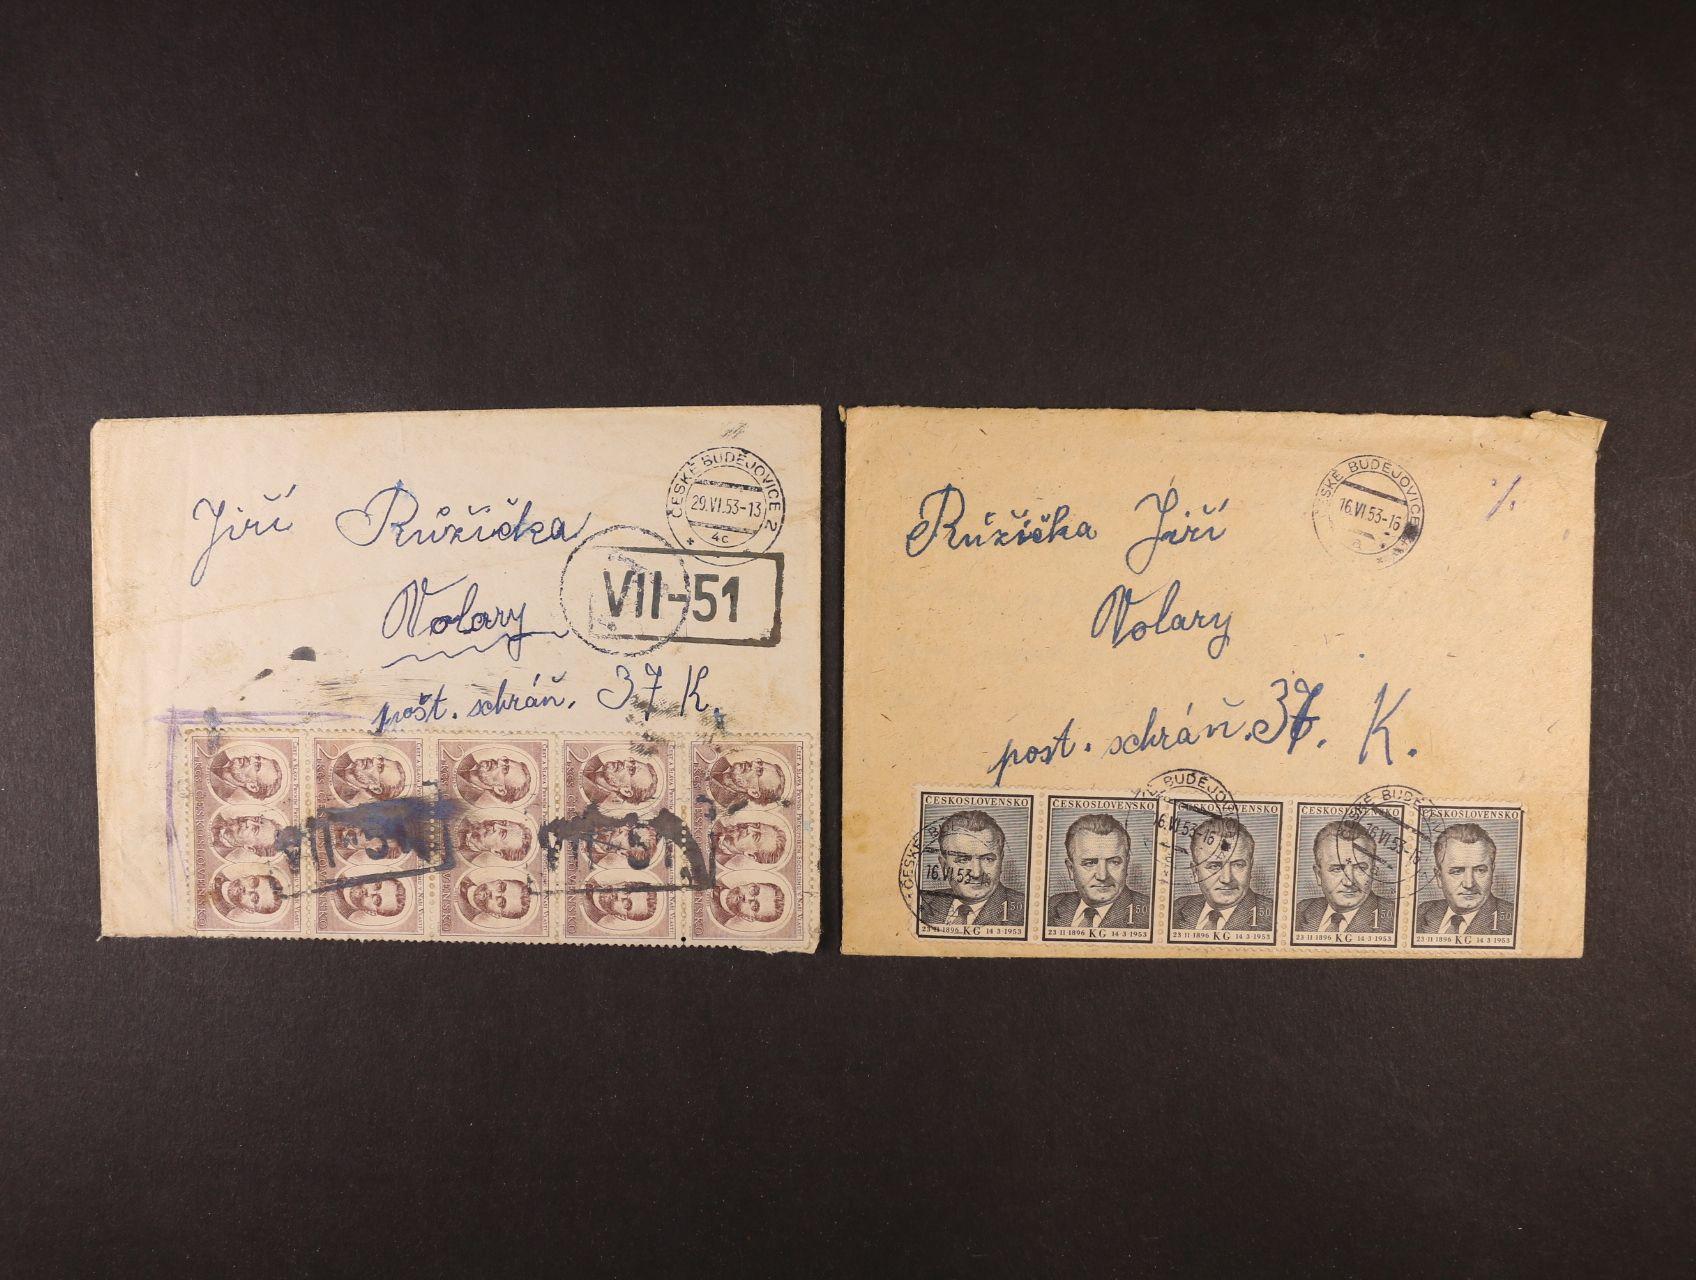 Měnová reforma - dopis frank. 5ti-páskou zn. č. 716 na přední straně a desetiblokem a 5ti-páskou na zadní straně, pod. raz. ČESKÉ BUDĚJOVICE 16.6.53 uvnitř s dopisem popisujícím měnovou reformu, a dopis frank. 5ti-páskou zn. č. 720 na přední straně a 10ti-blokem na zadní straně, pod. raz. ČESKÉ BUDĚJOVICE 29.6.53, zn. jsou znehodnoc. rámeč. raz. VII - 51, velmi zajímavé, k prohlédnutí